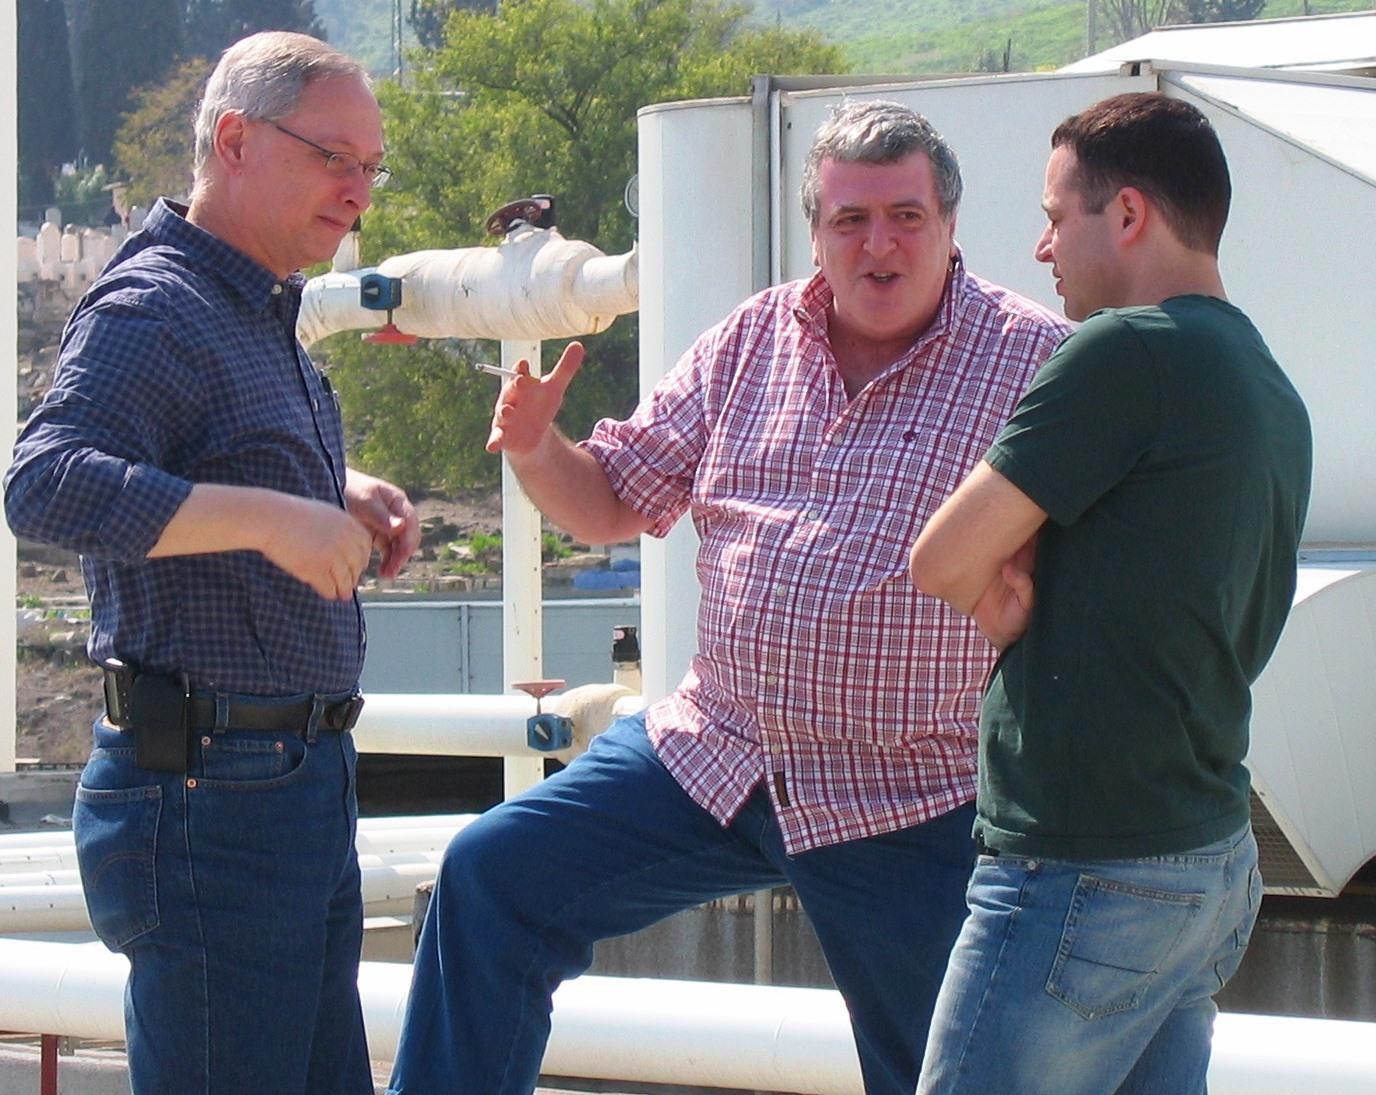 """אמנון דנקנר בימיו כעורך """"מעריב"""", עם שני סגניו, רון לשם (משמאל) ואבי בטלהיים. 2005 (צילום: """"העין השביעית"""")"""